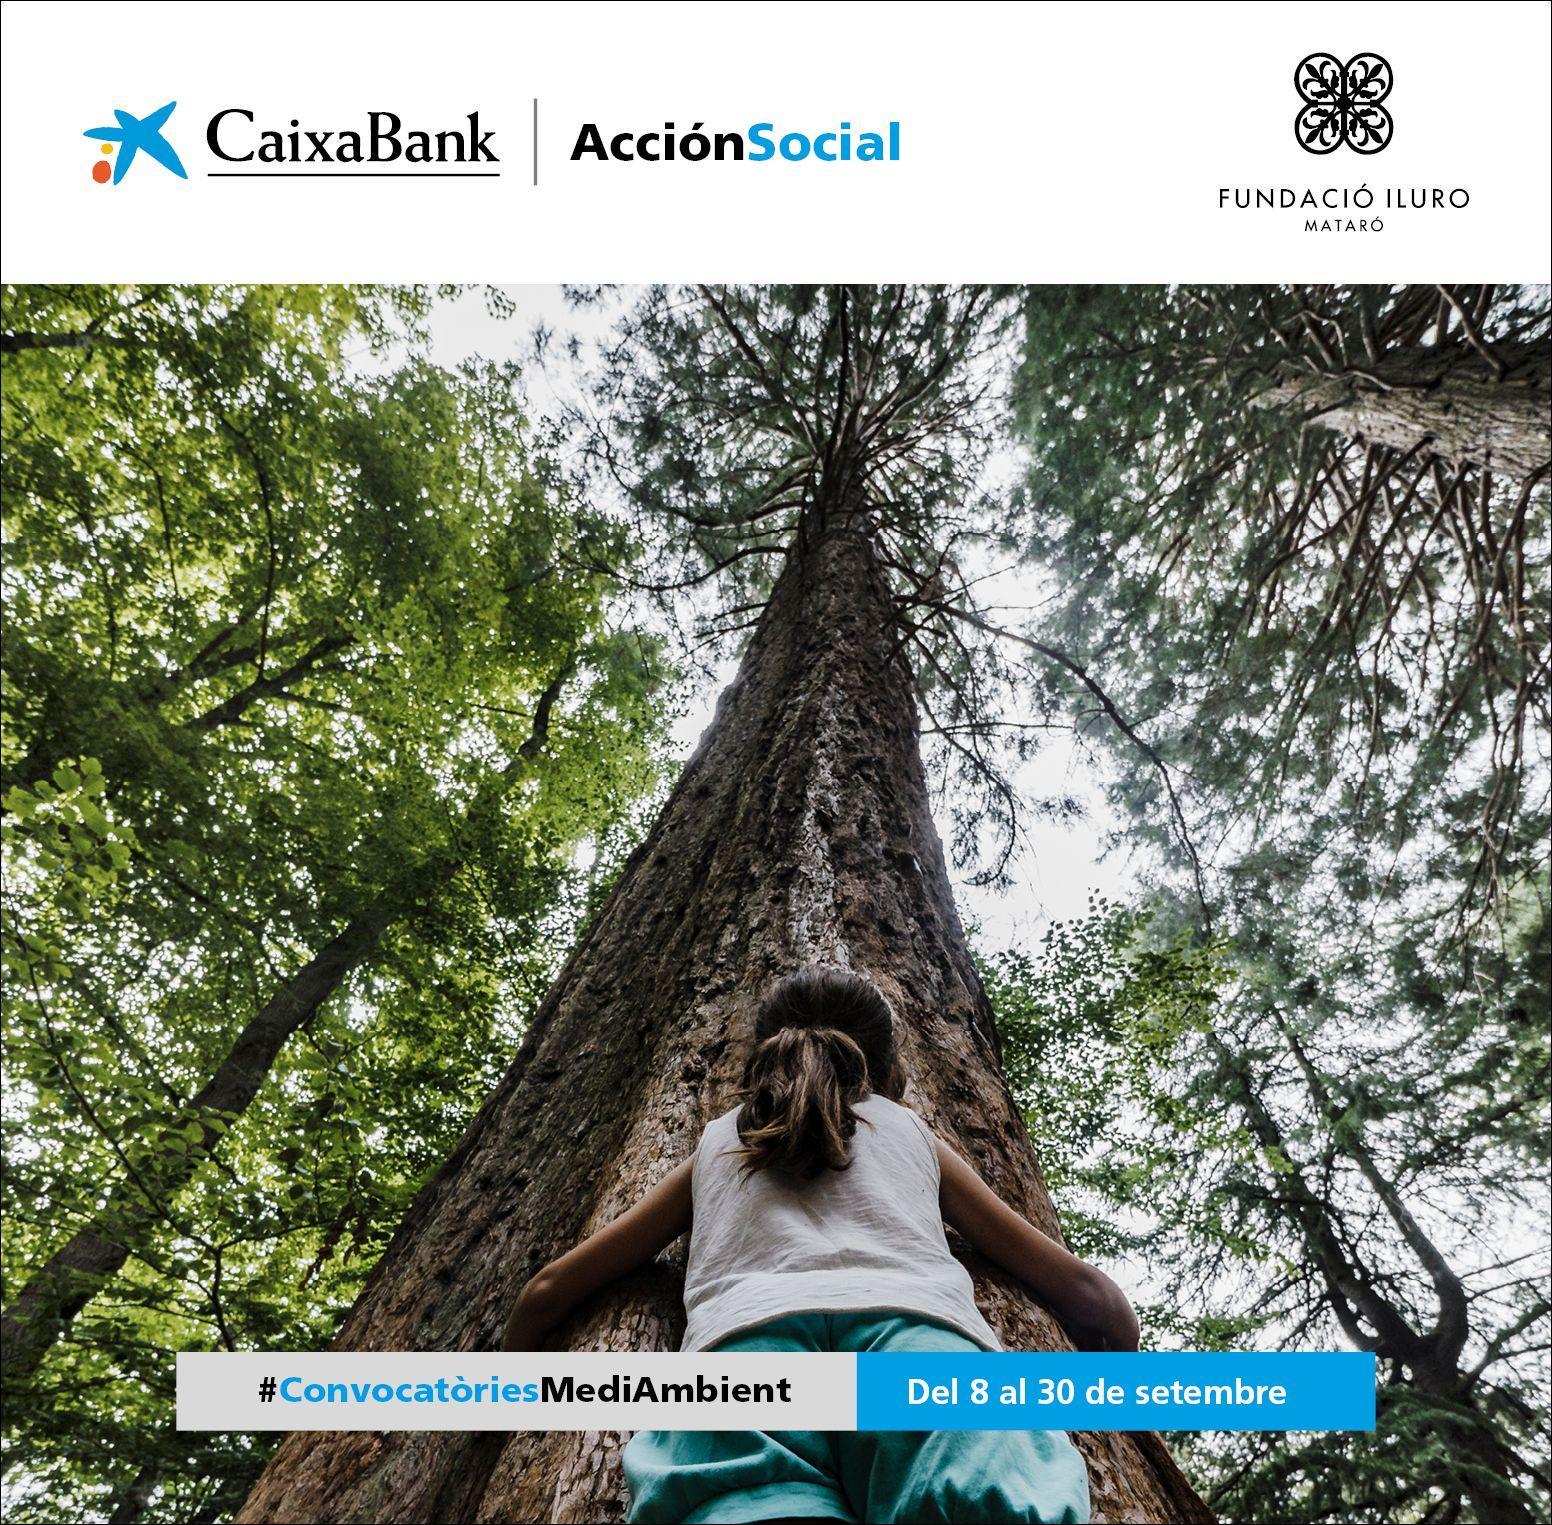 CaixaBank I La Fundació Iluro Convoquen Ajudes De Fins A 30.000 Euros Per A Projectes Mediambientals A La Comarca Del Maresme